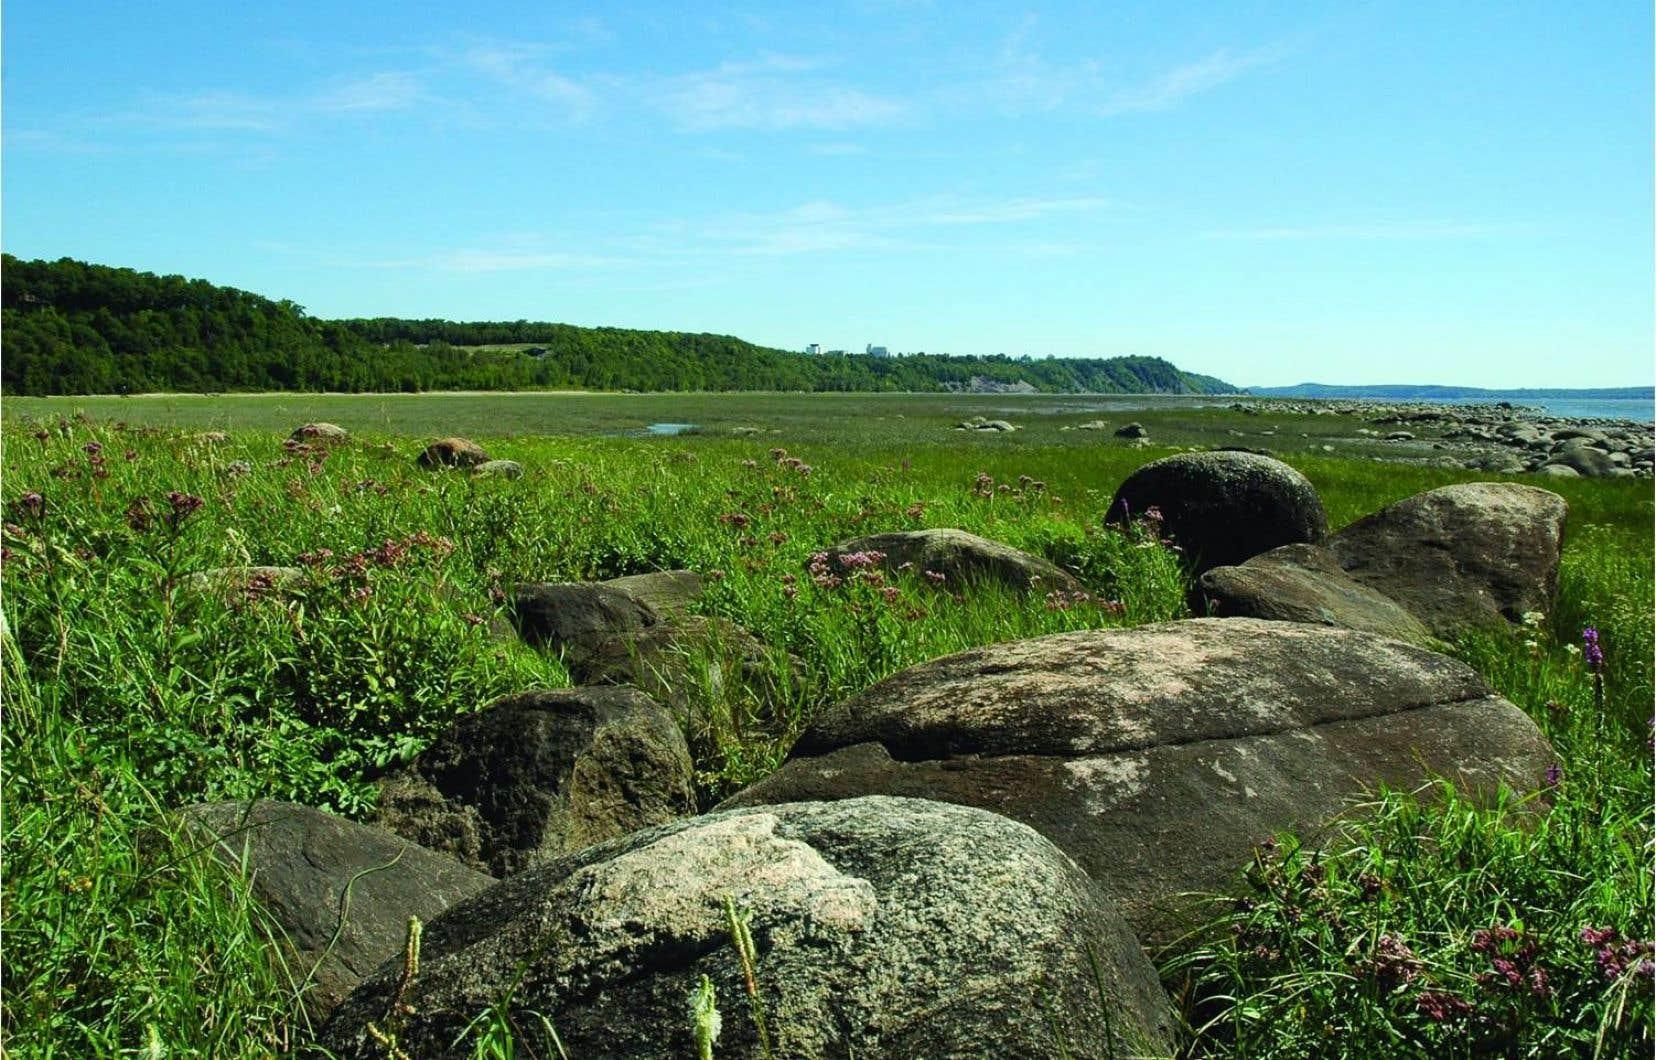 La réserve naturelle des battures de Saint-Augustin-de-Desmaures compte des marais et des herbiers s'étendant sur plusieurs kilomètres en bordure du fleuve, de Cap-Rouge à Neuville.